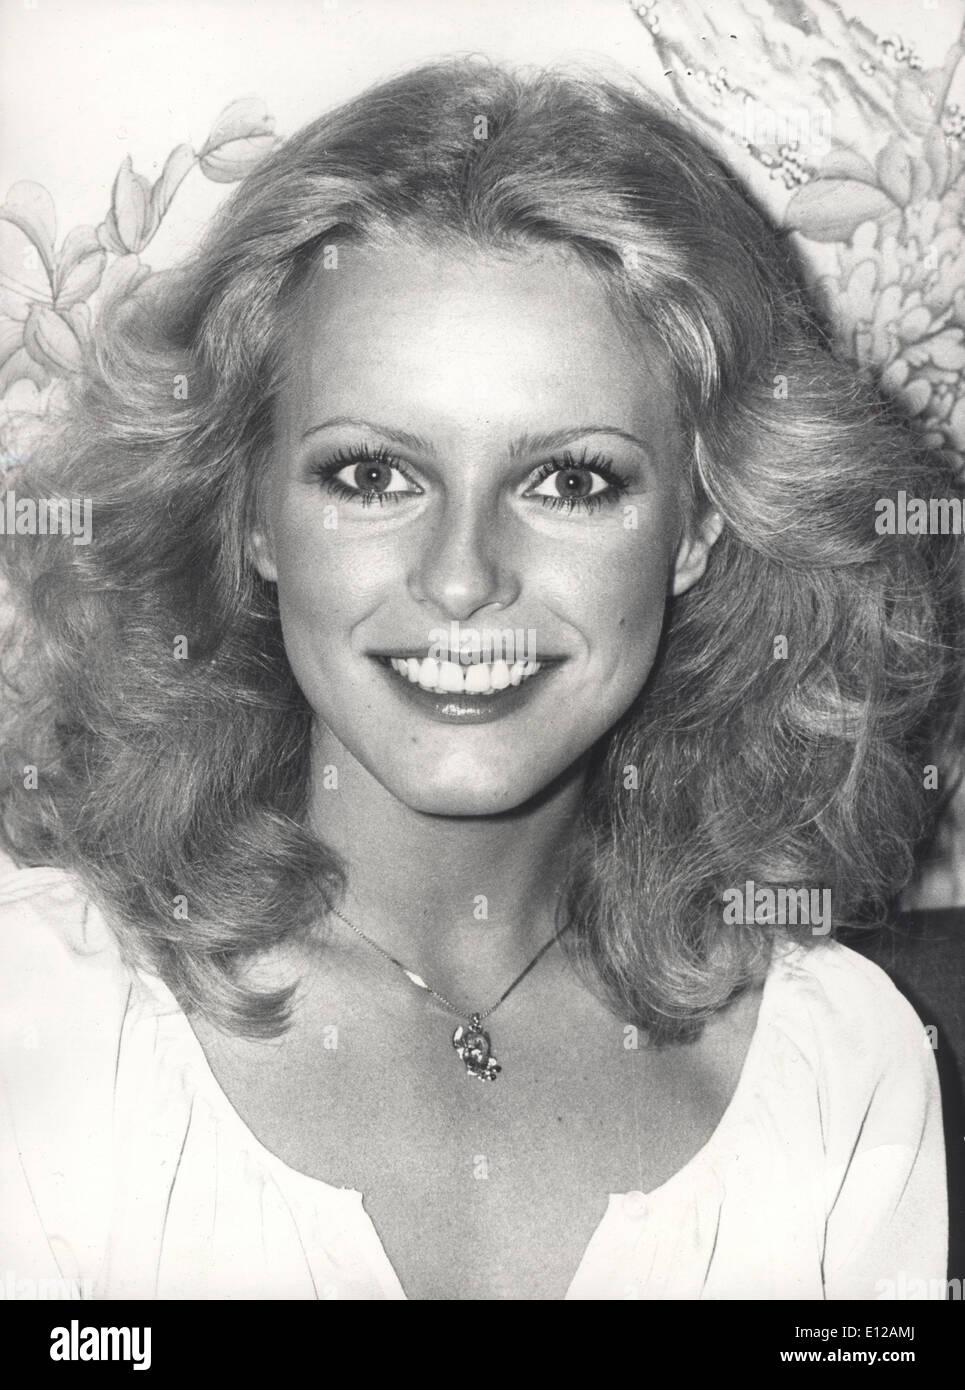 Cheryl Ladd born